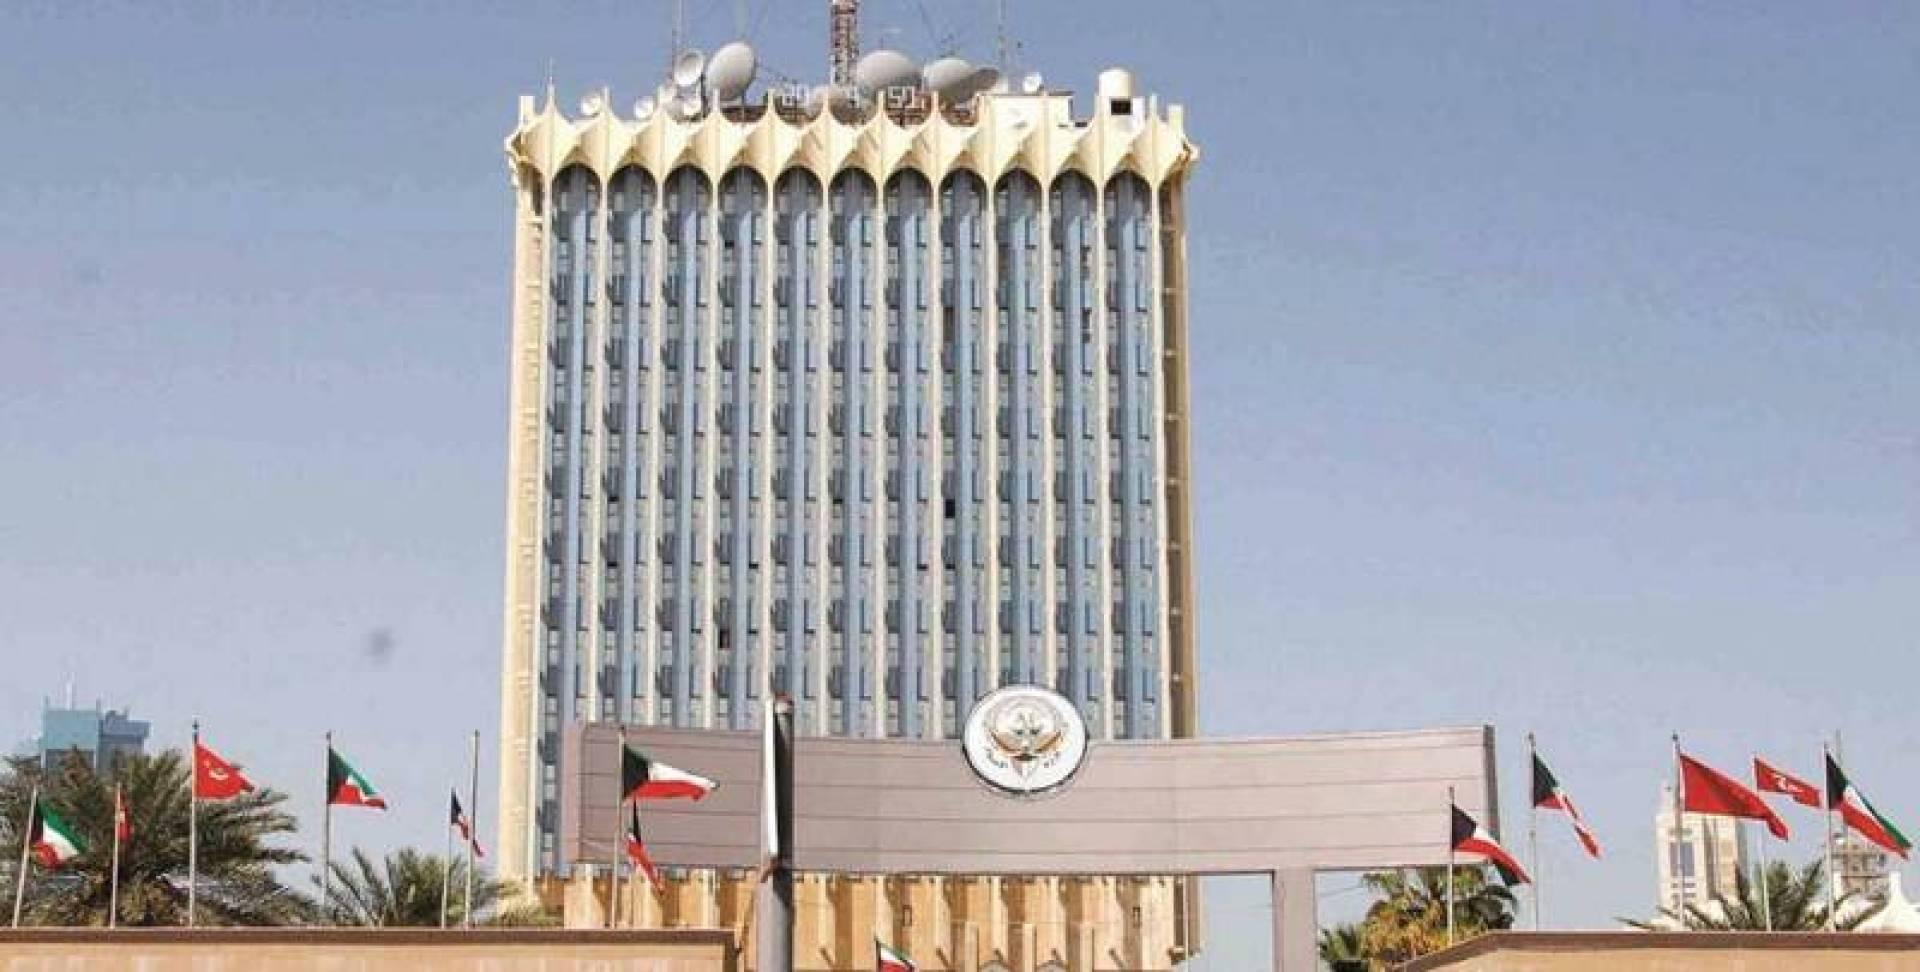 «تلفزيون الكويت» يعتذر عن خطأ «محمد علي رود».. ويحيل الموضوع للتحقيق